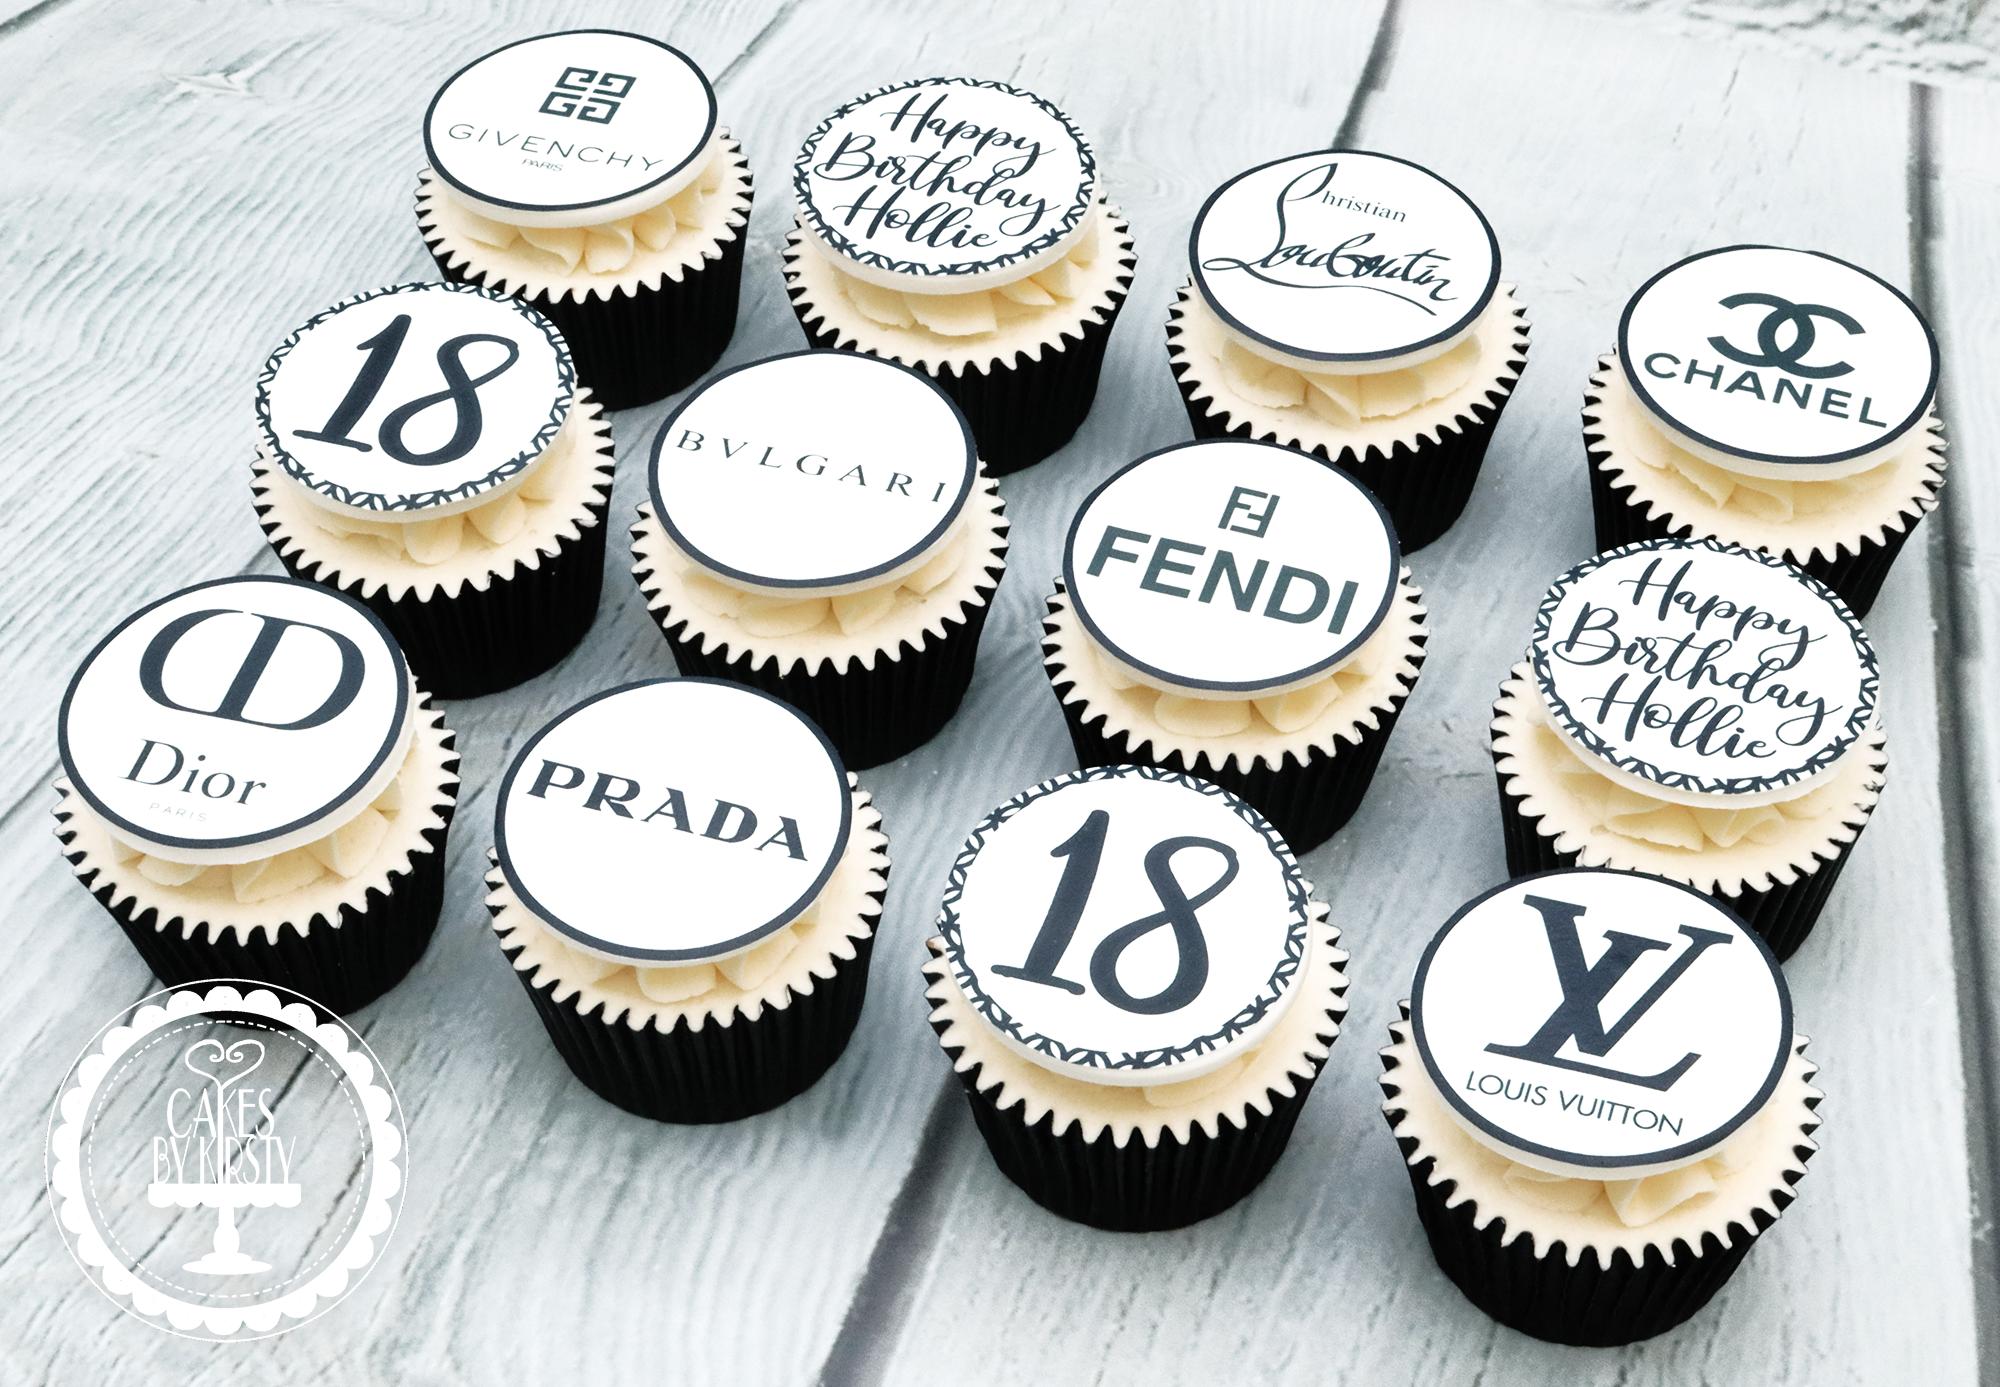 20190927 - Designer Brands Cupcakes